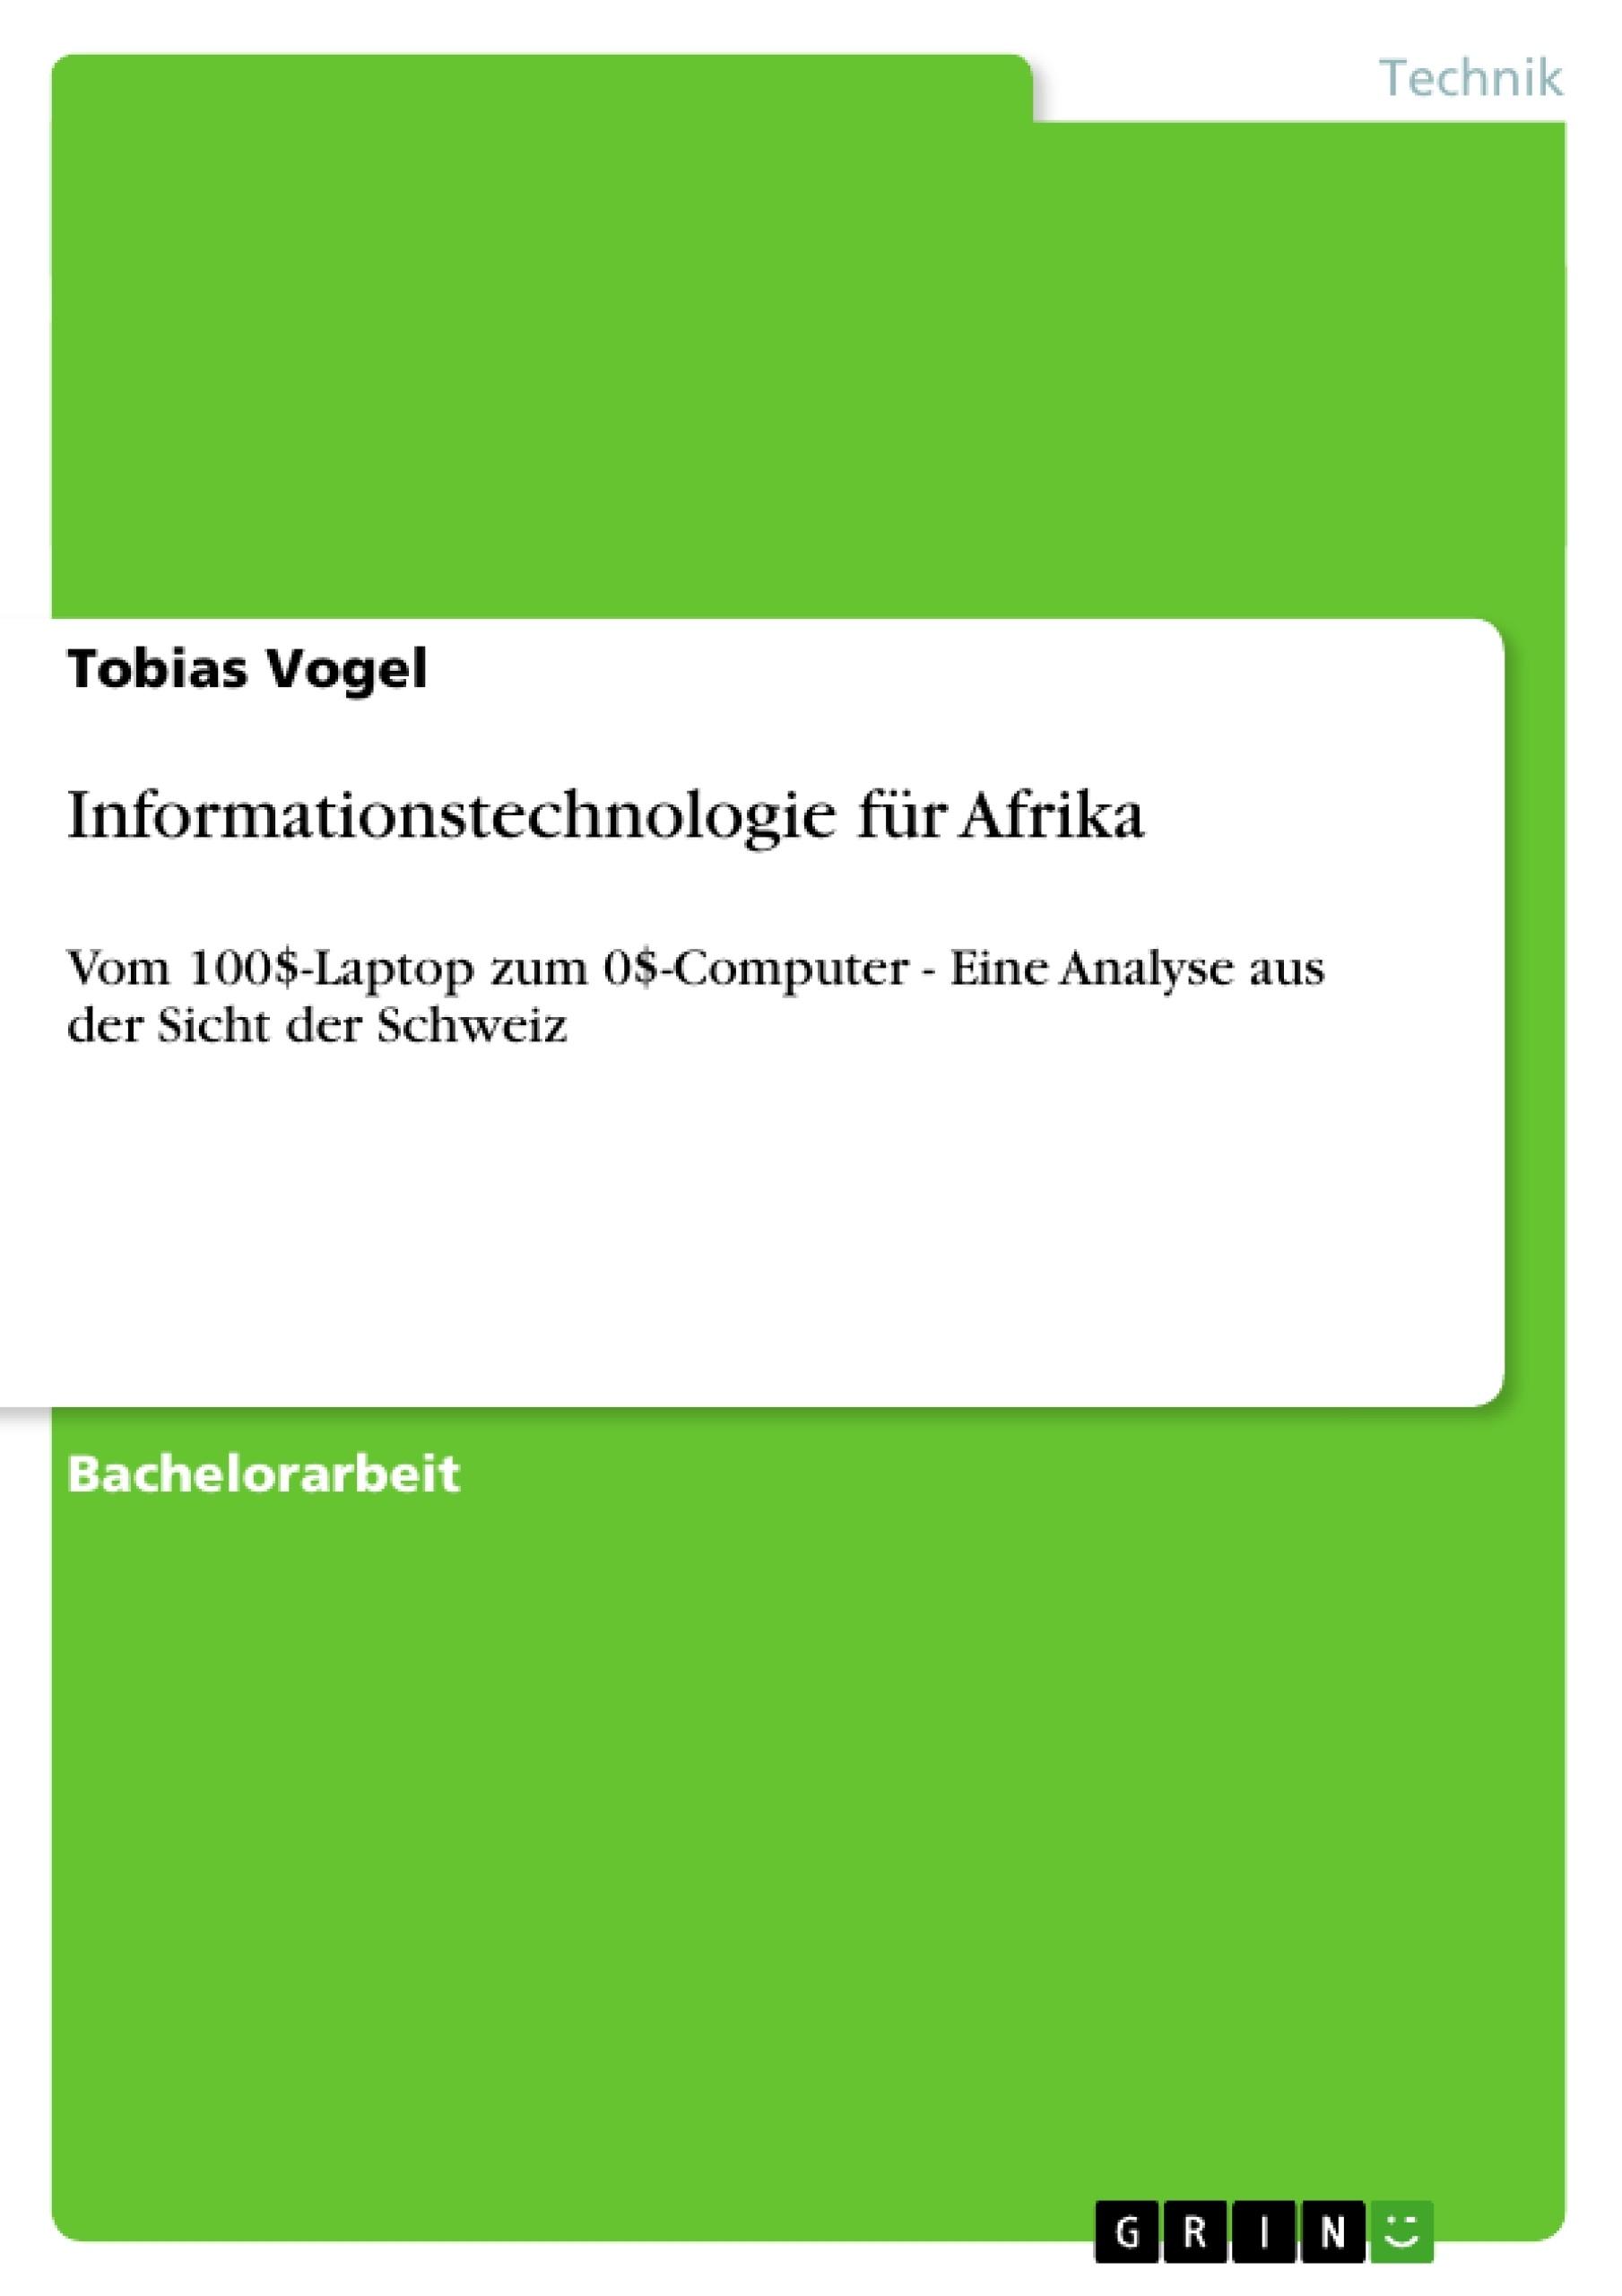 Titel: Informationstechnologie für Afrika